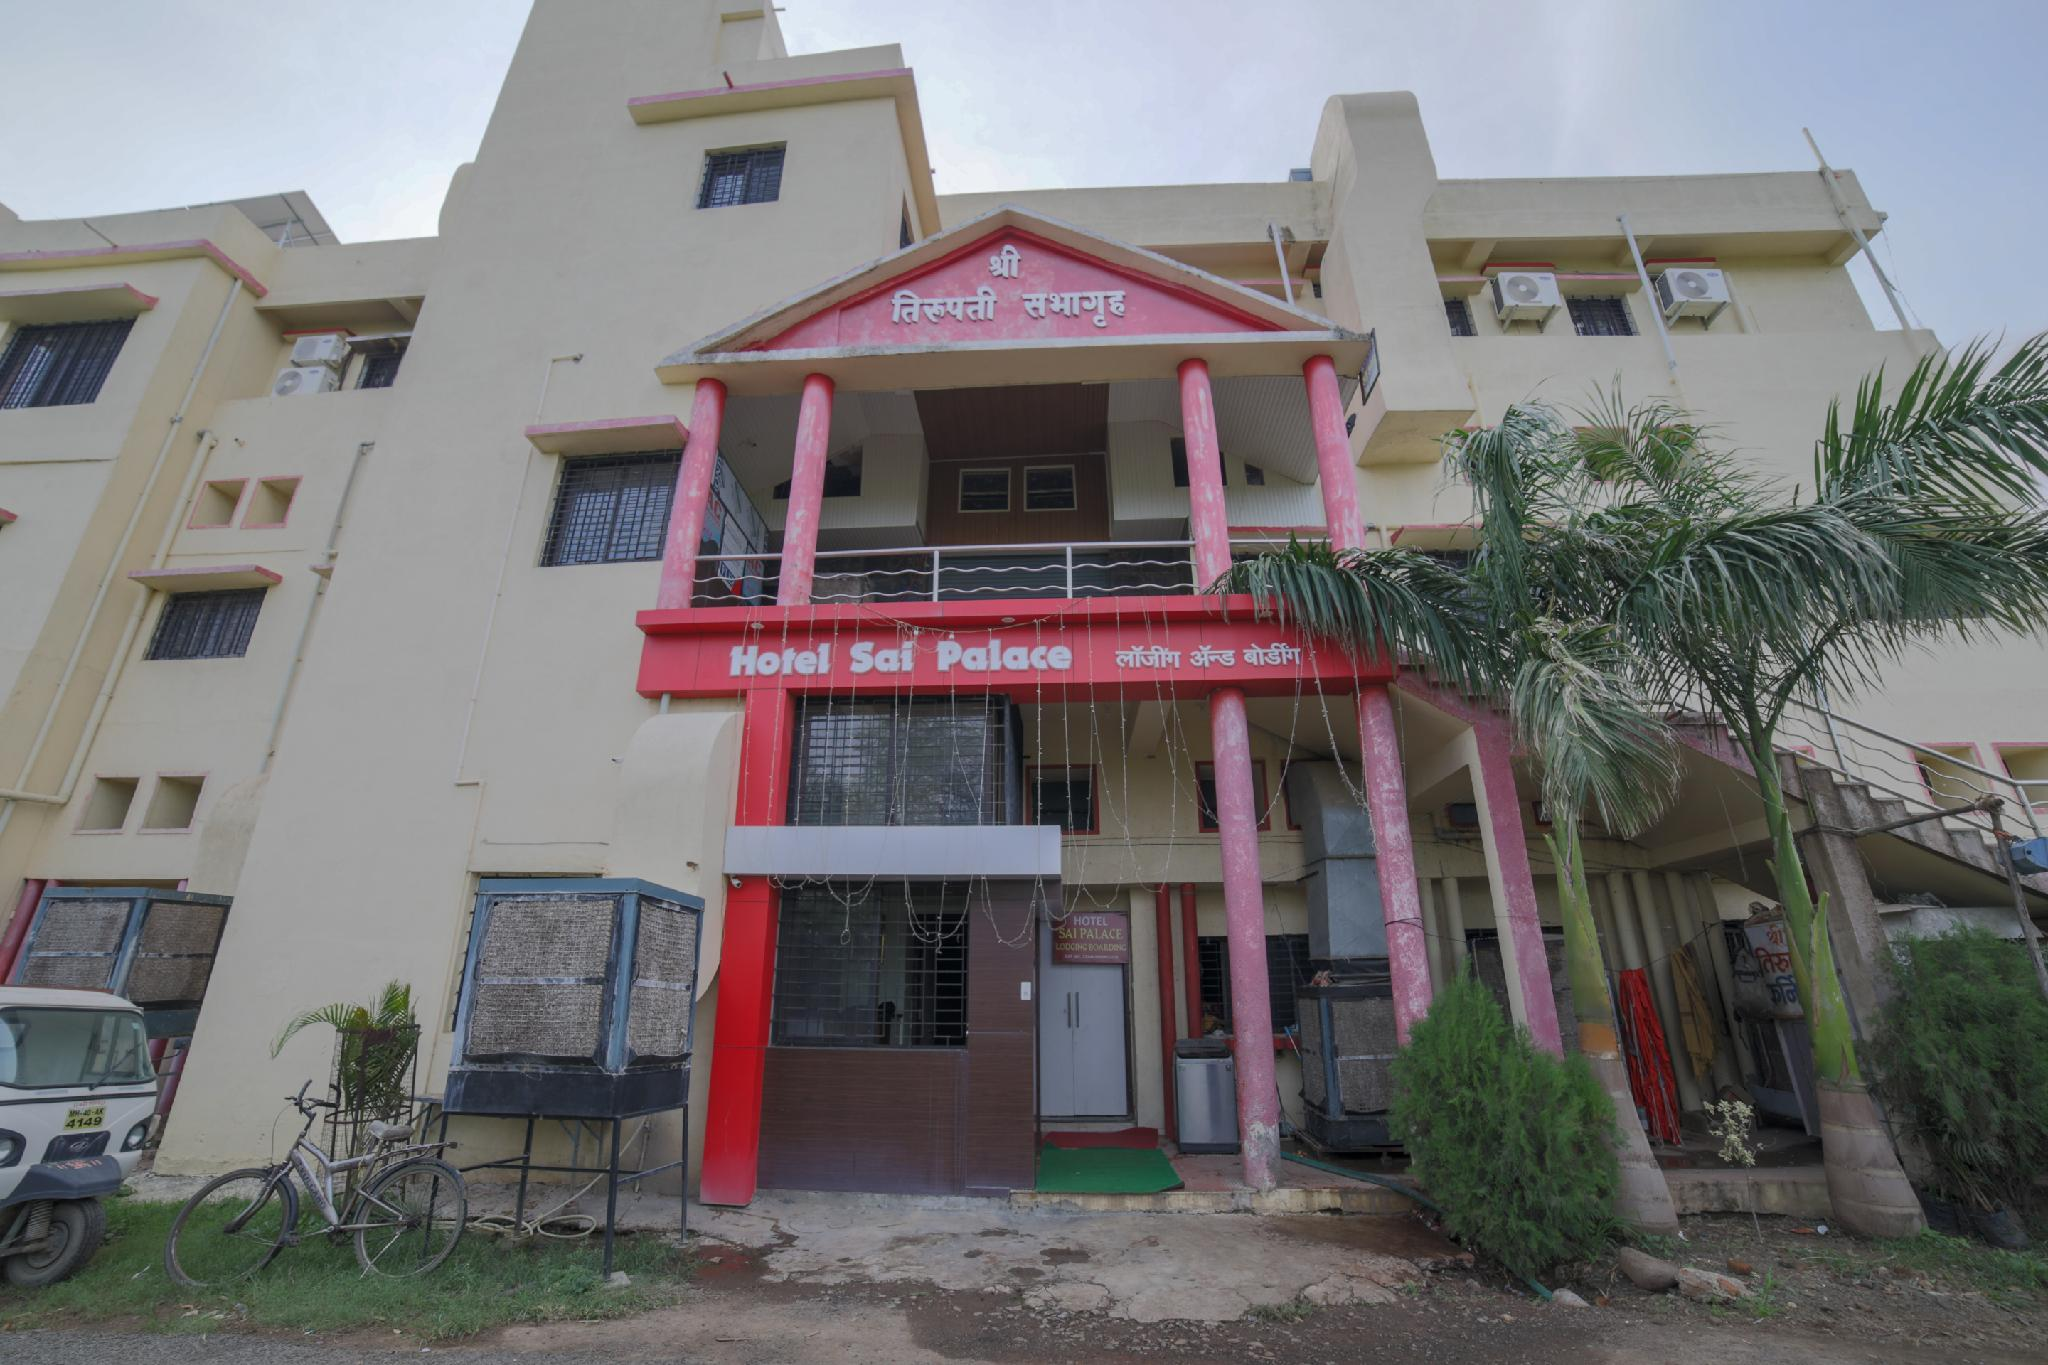 OYO 45414 Hotel Sai Palace